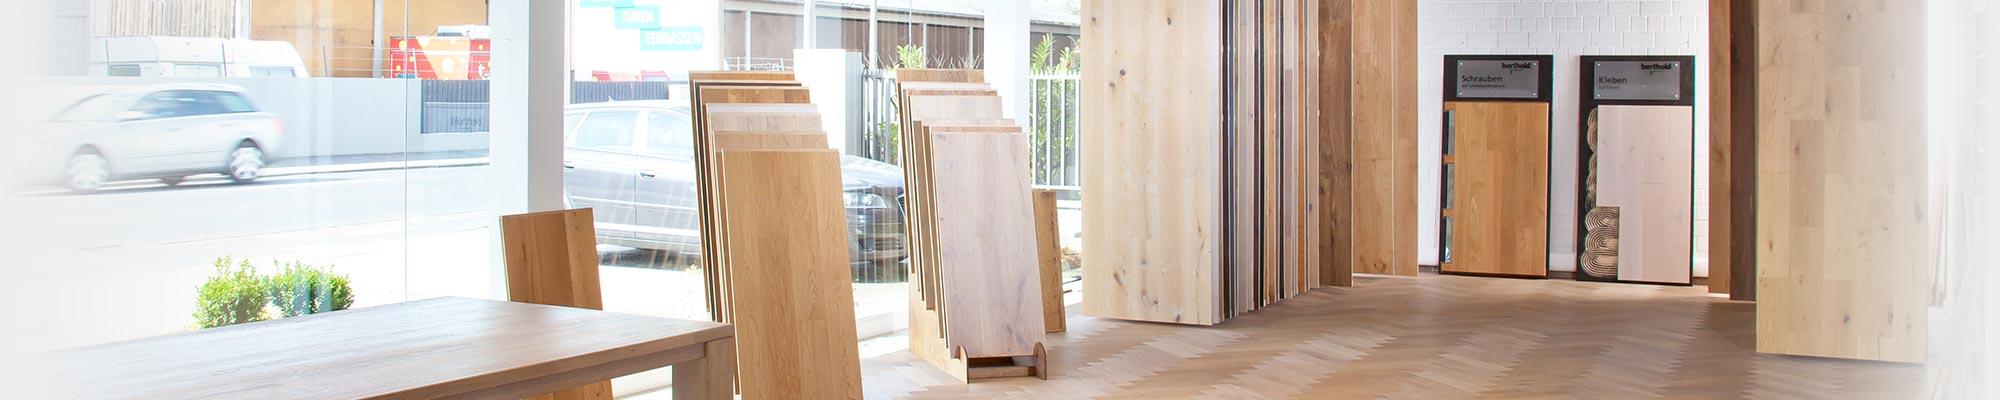 berthold bonn kontakt nehmen sie einfach kontakt zu uns auf. Black Bedroom Furniture Sets. Home Design Ideas